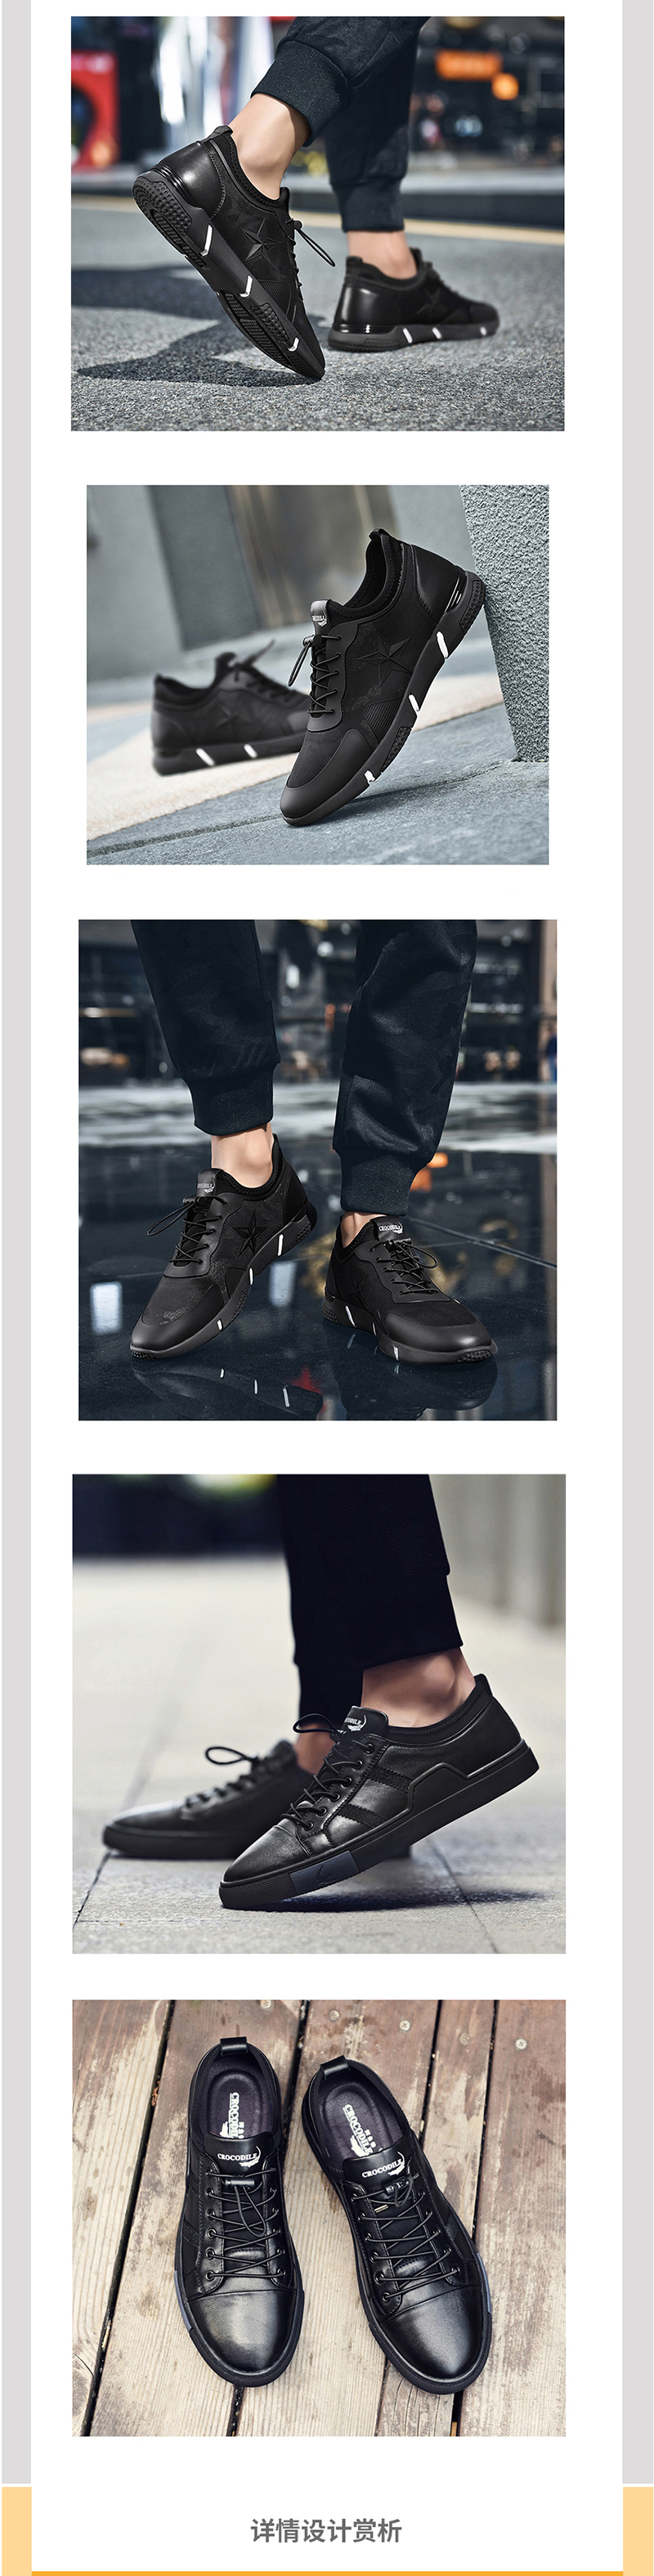 男鞋_04.jpg